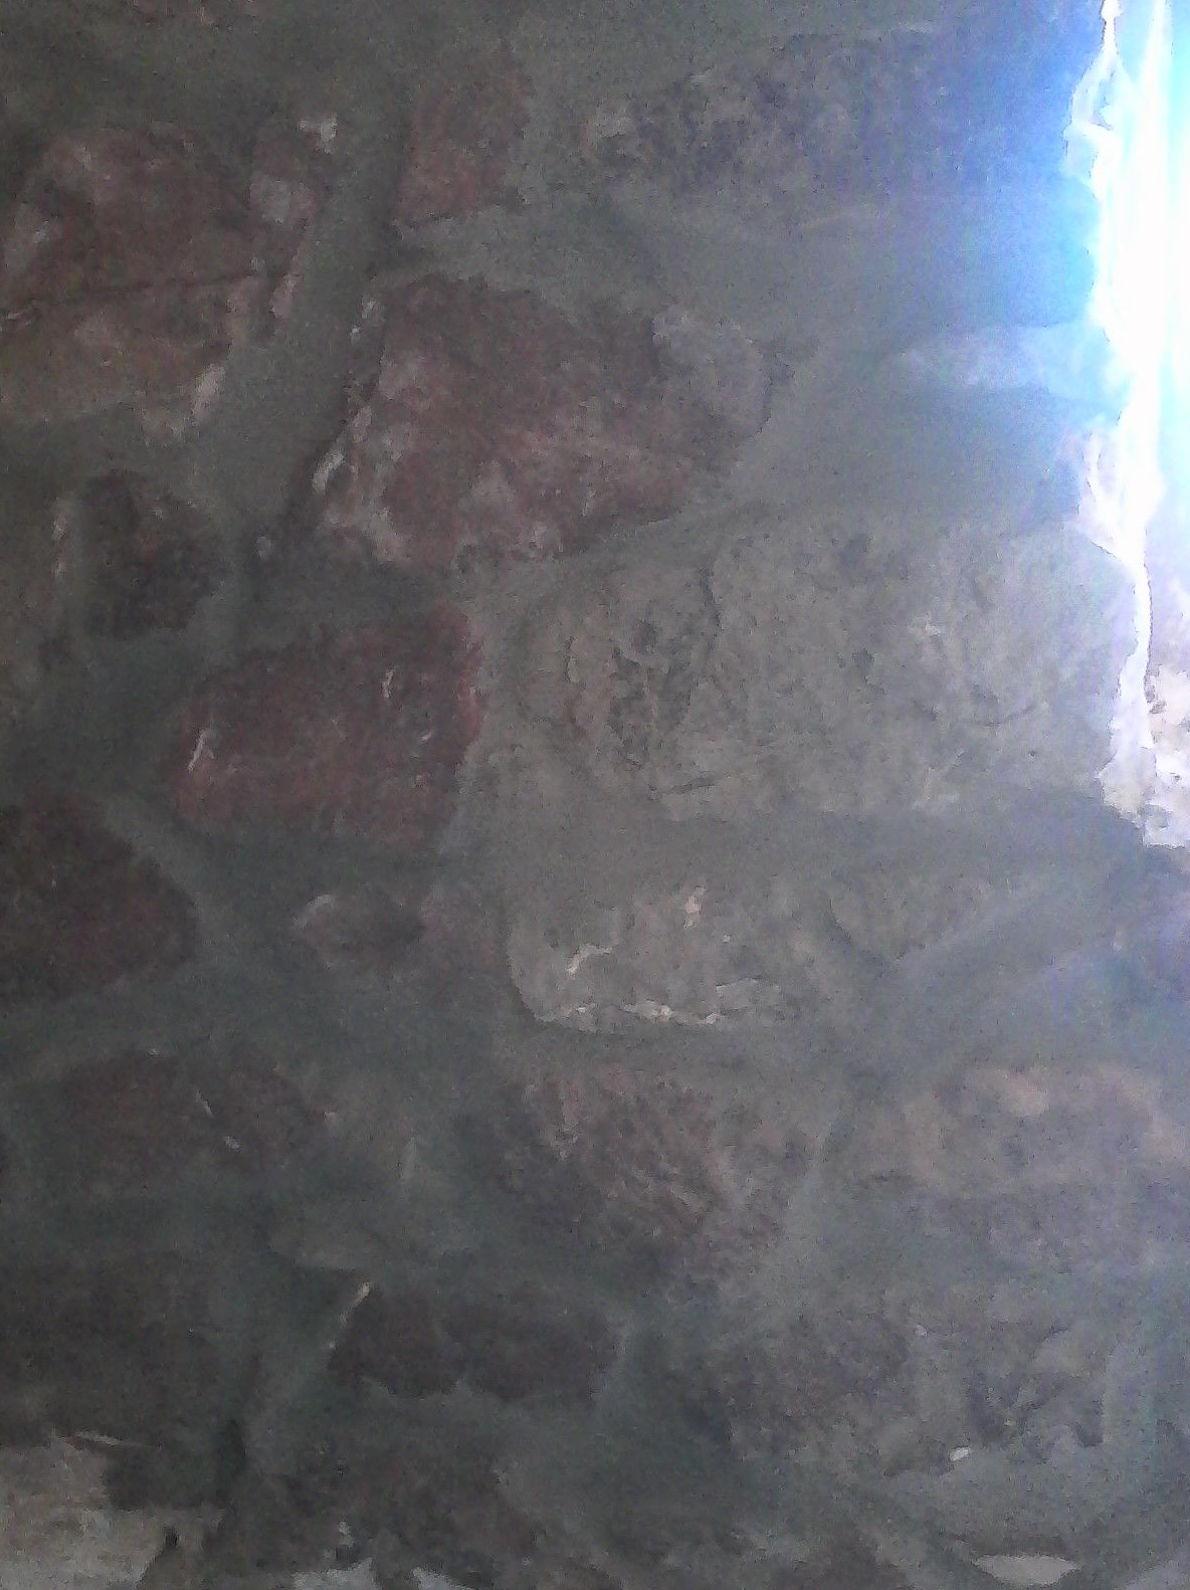 limpiar piedra natural y volver a darle mortero para dejar la piedra vista